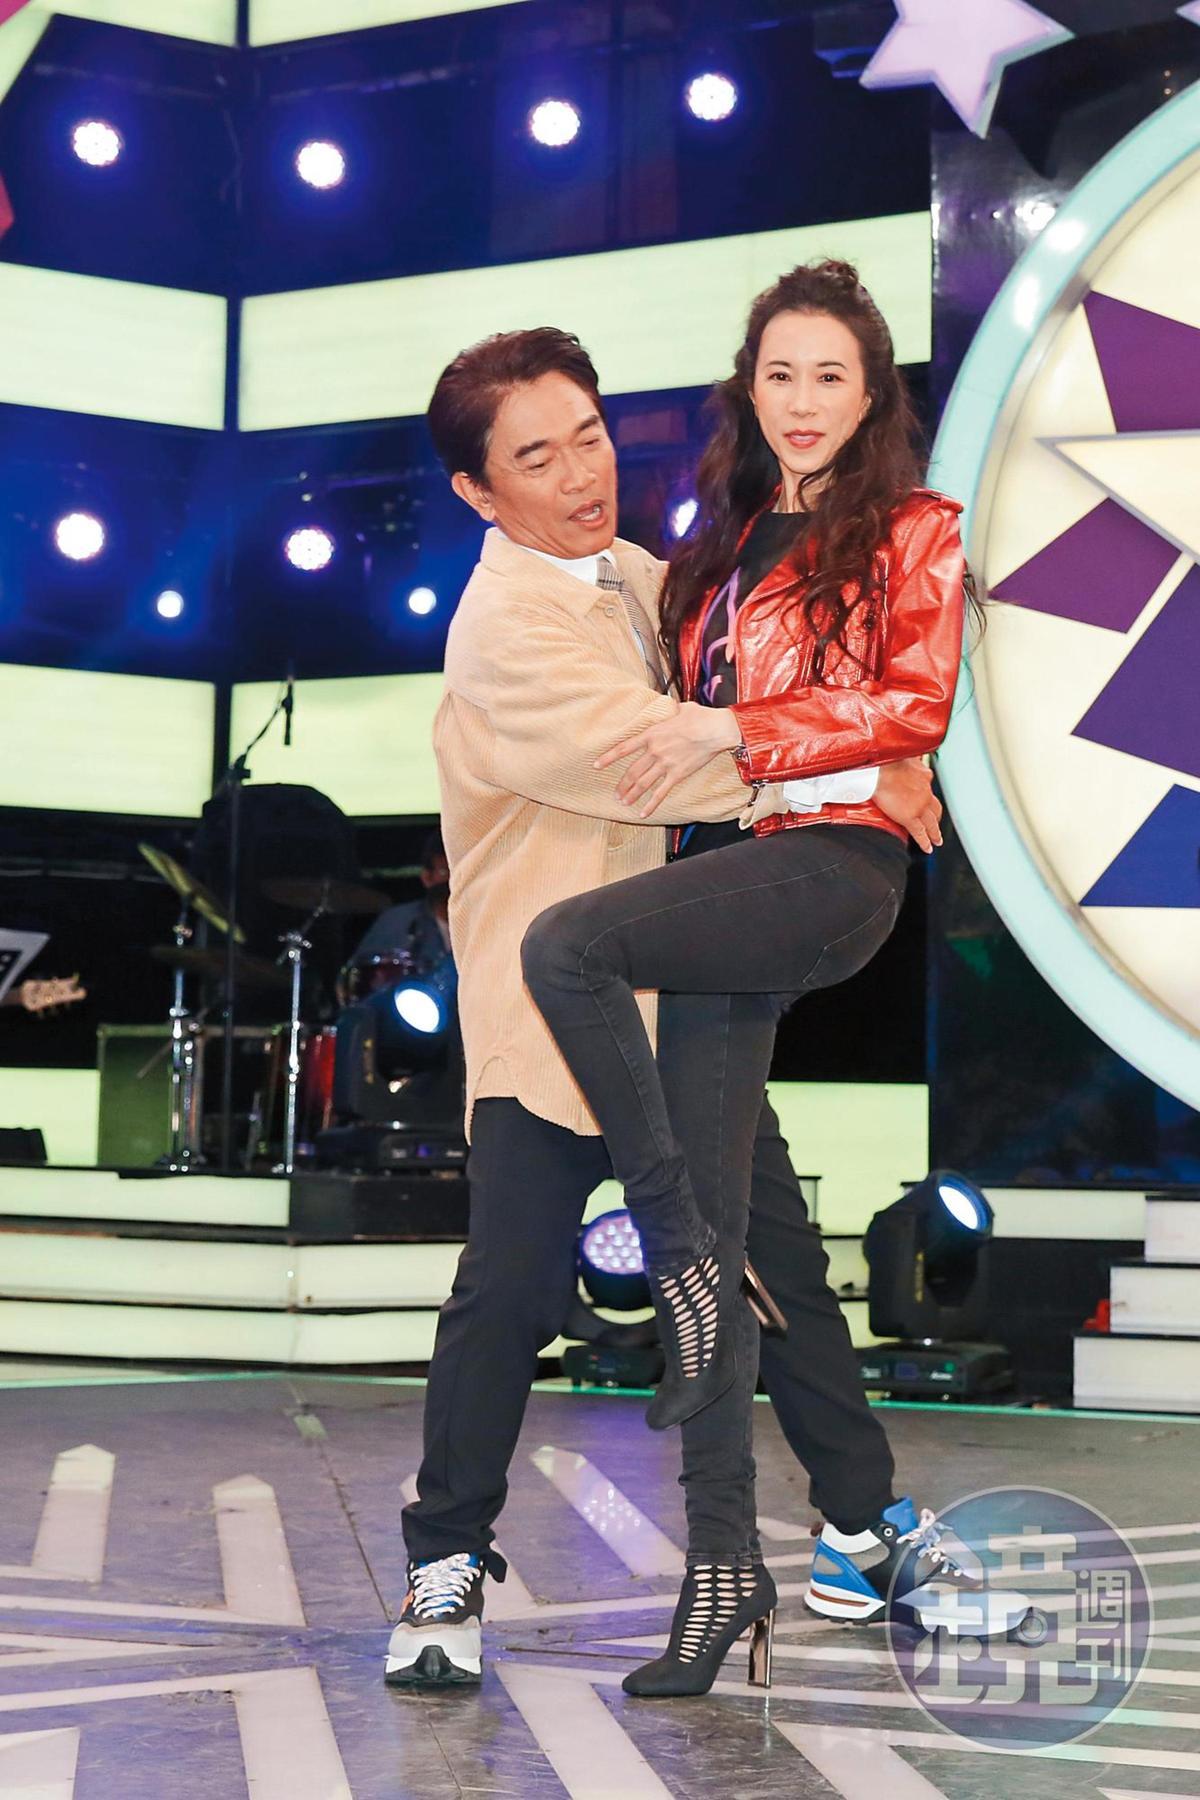 吳宗憲跟莫文蔚一起跳舞呈現「最囧身高差」,肢體毫不合拍。